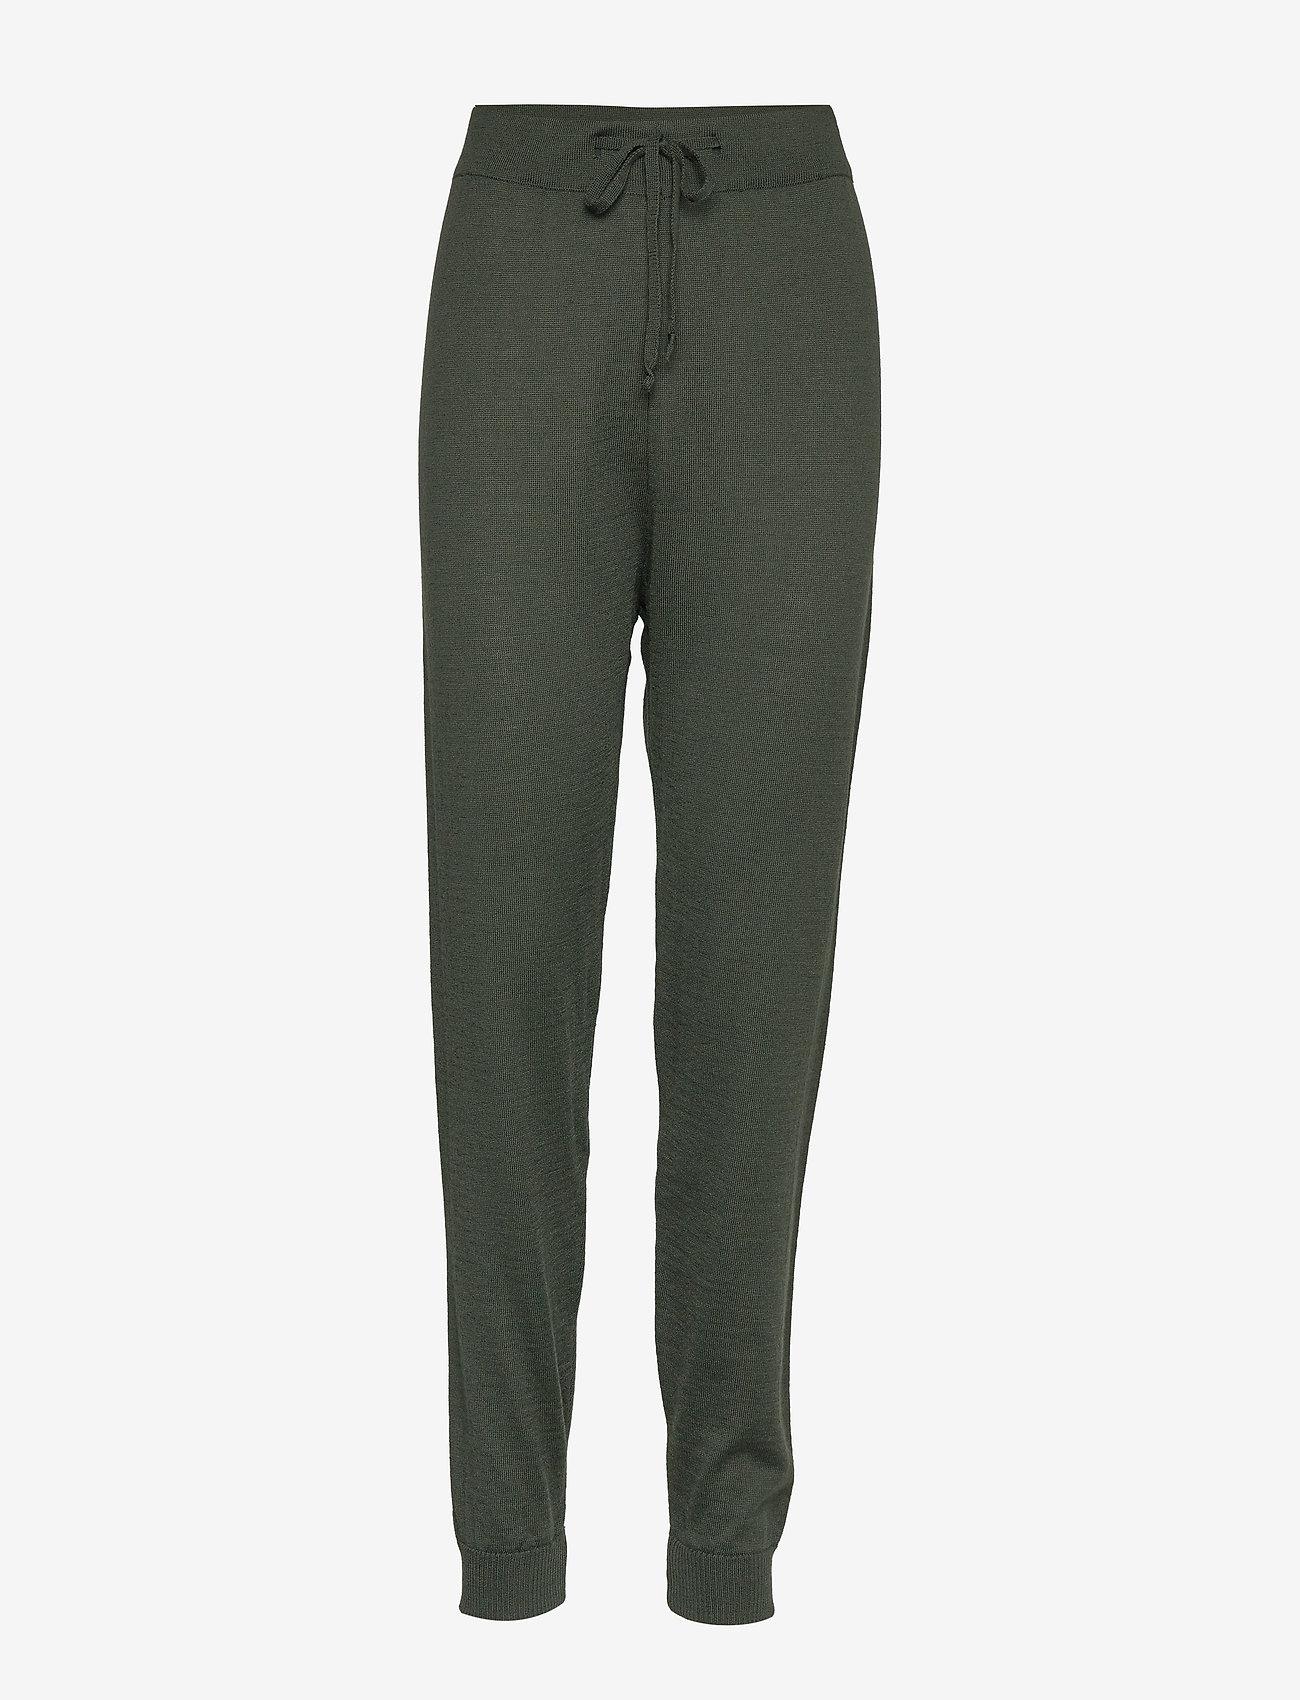 Underprotection - kimmie pants - spodnie dresowe - green - 0